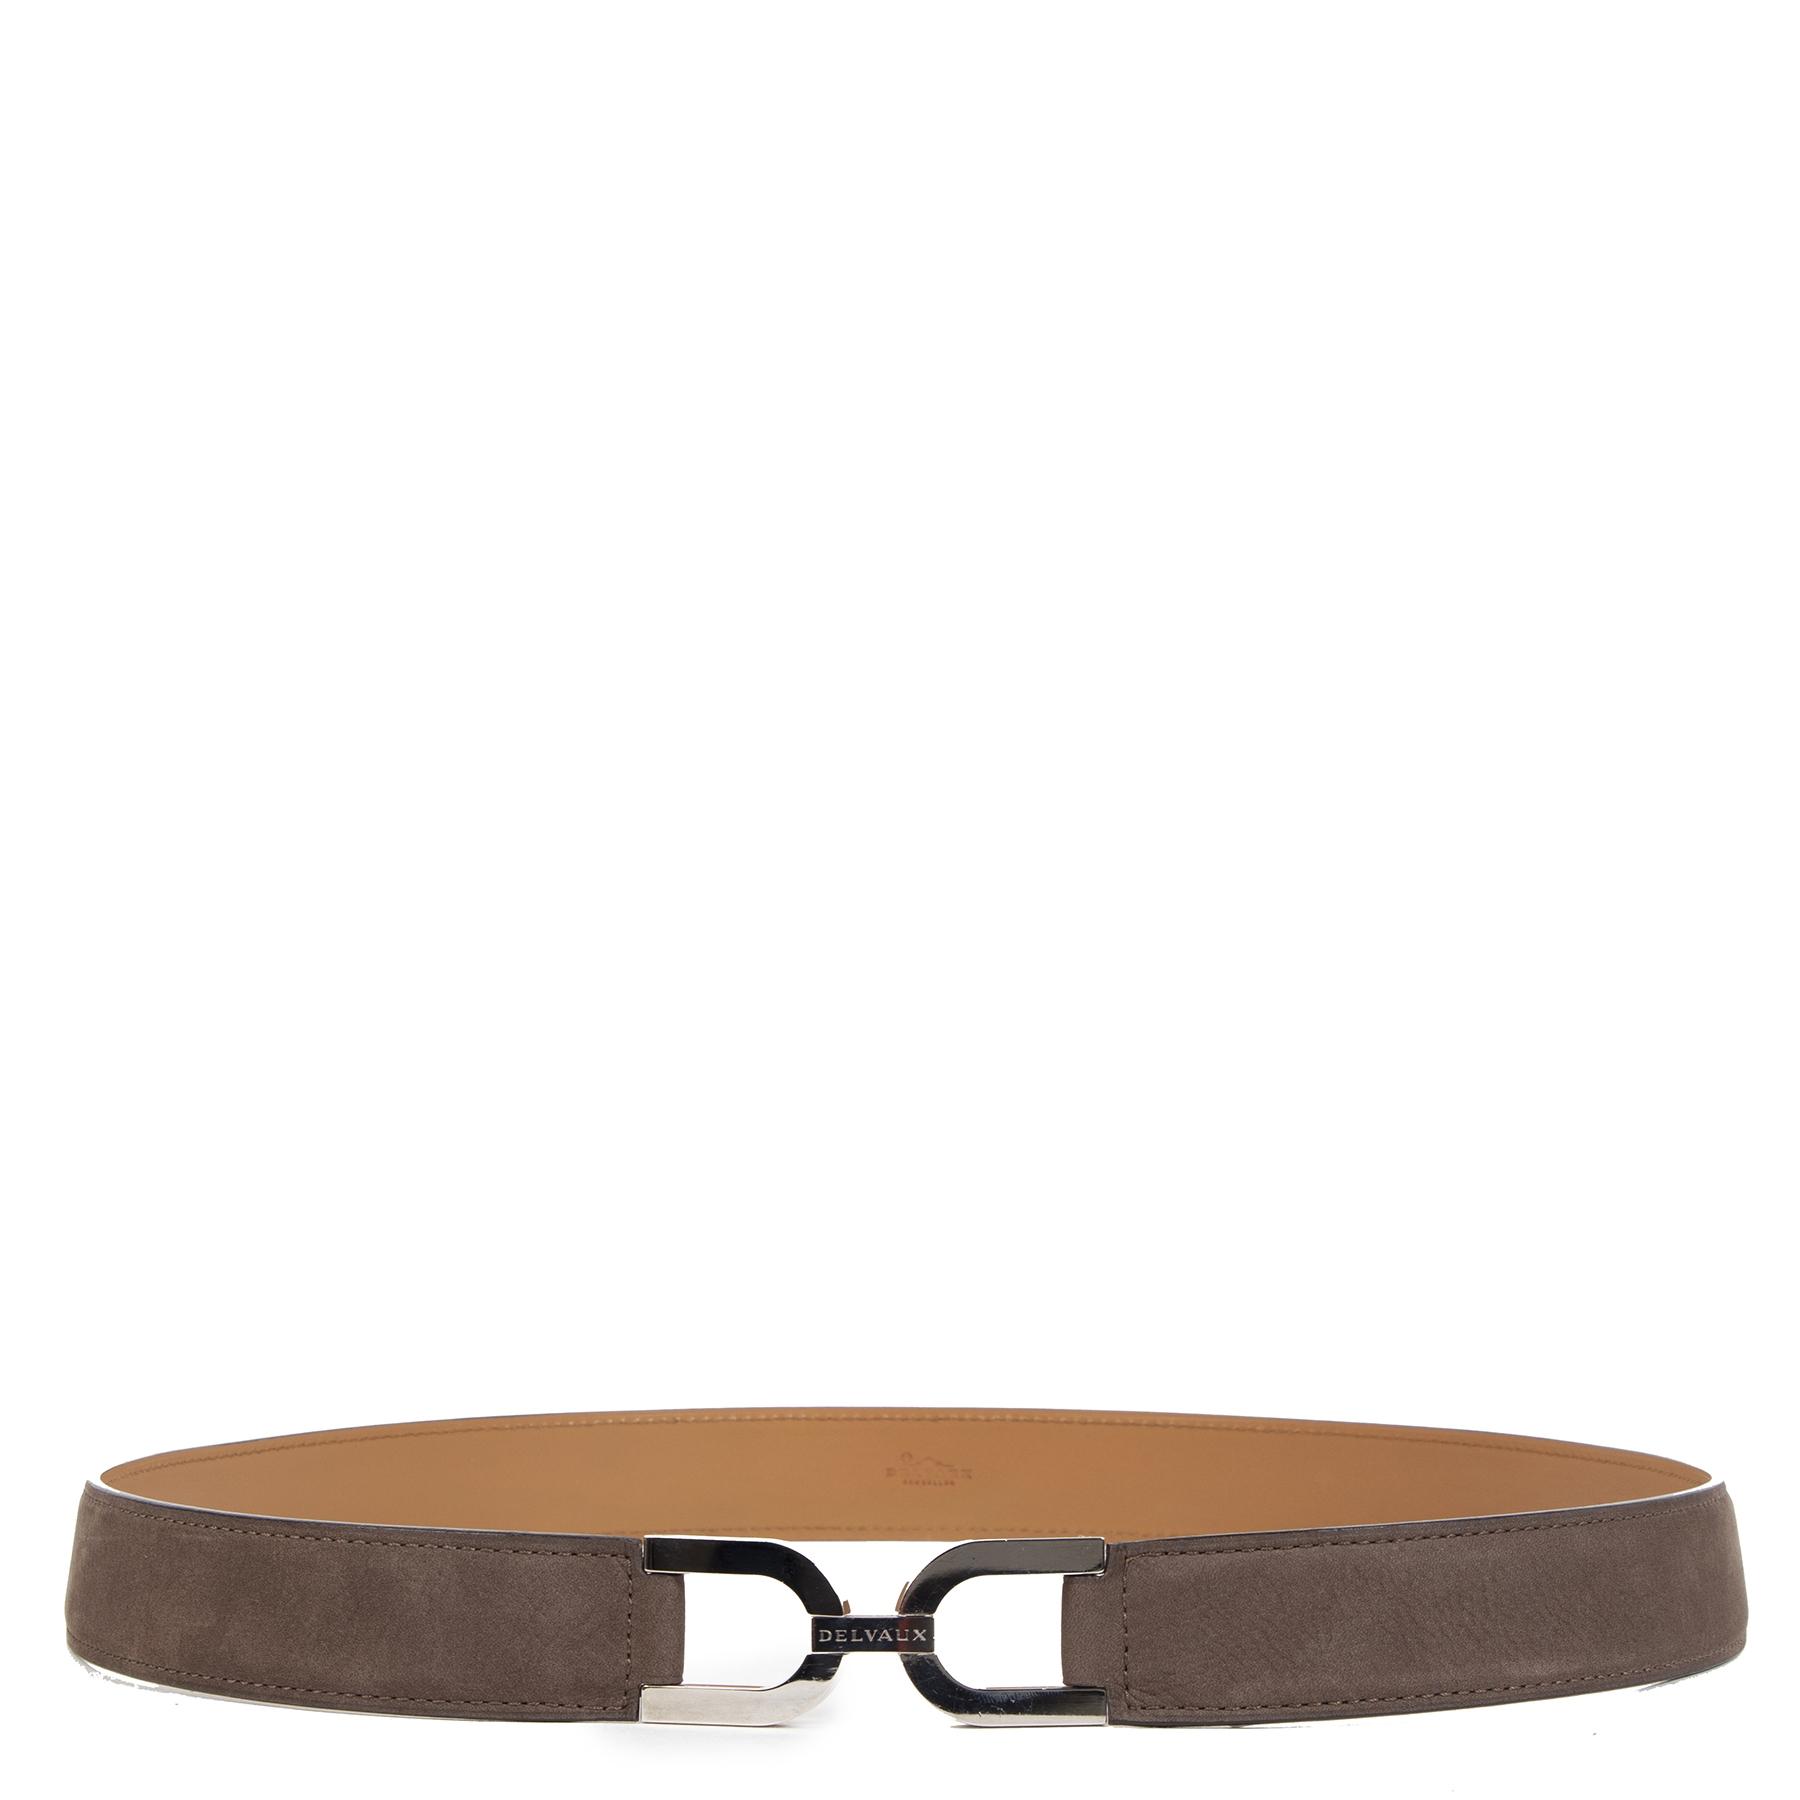 Authentieke Tweedehands Delvaux Taupe Leather Belt - Size 85 juiste prijs veilig online shoppen luxe merken webshop winkelen Antwerpen België mode fashion